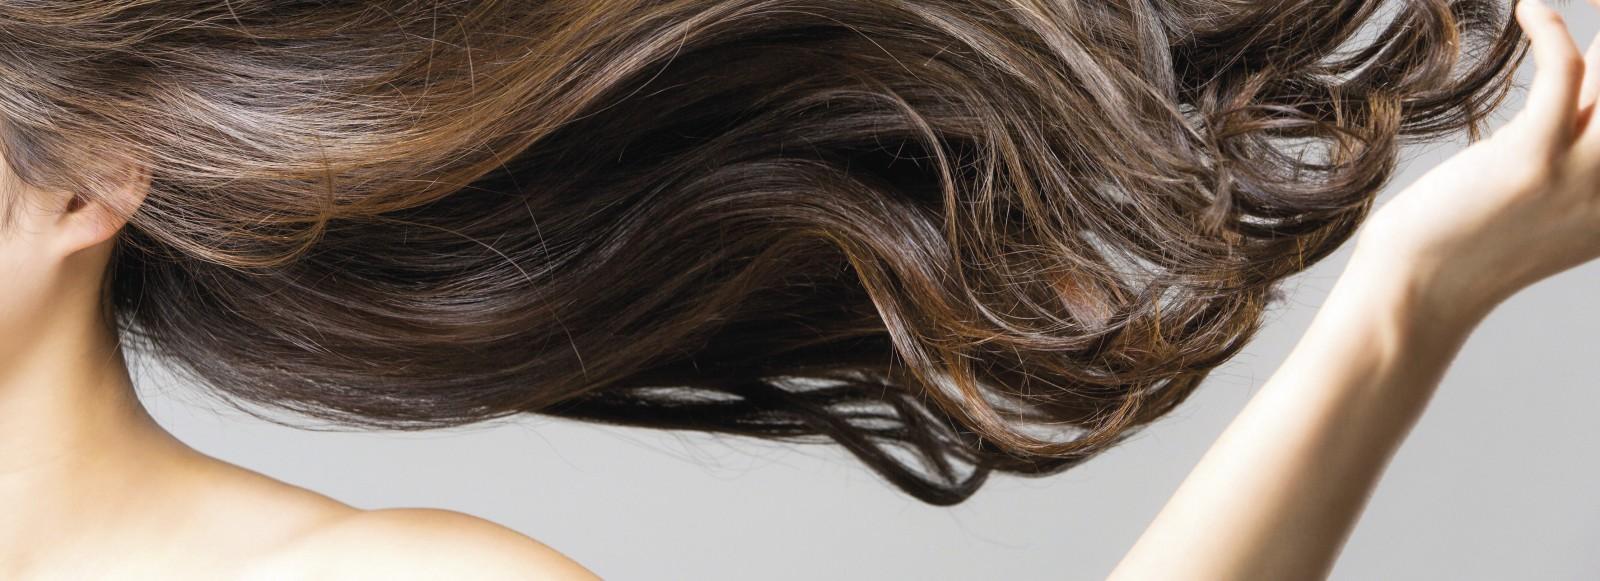 Beim haarausfall ist viel normal waschen wie Haarausfall beim